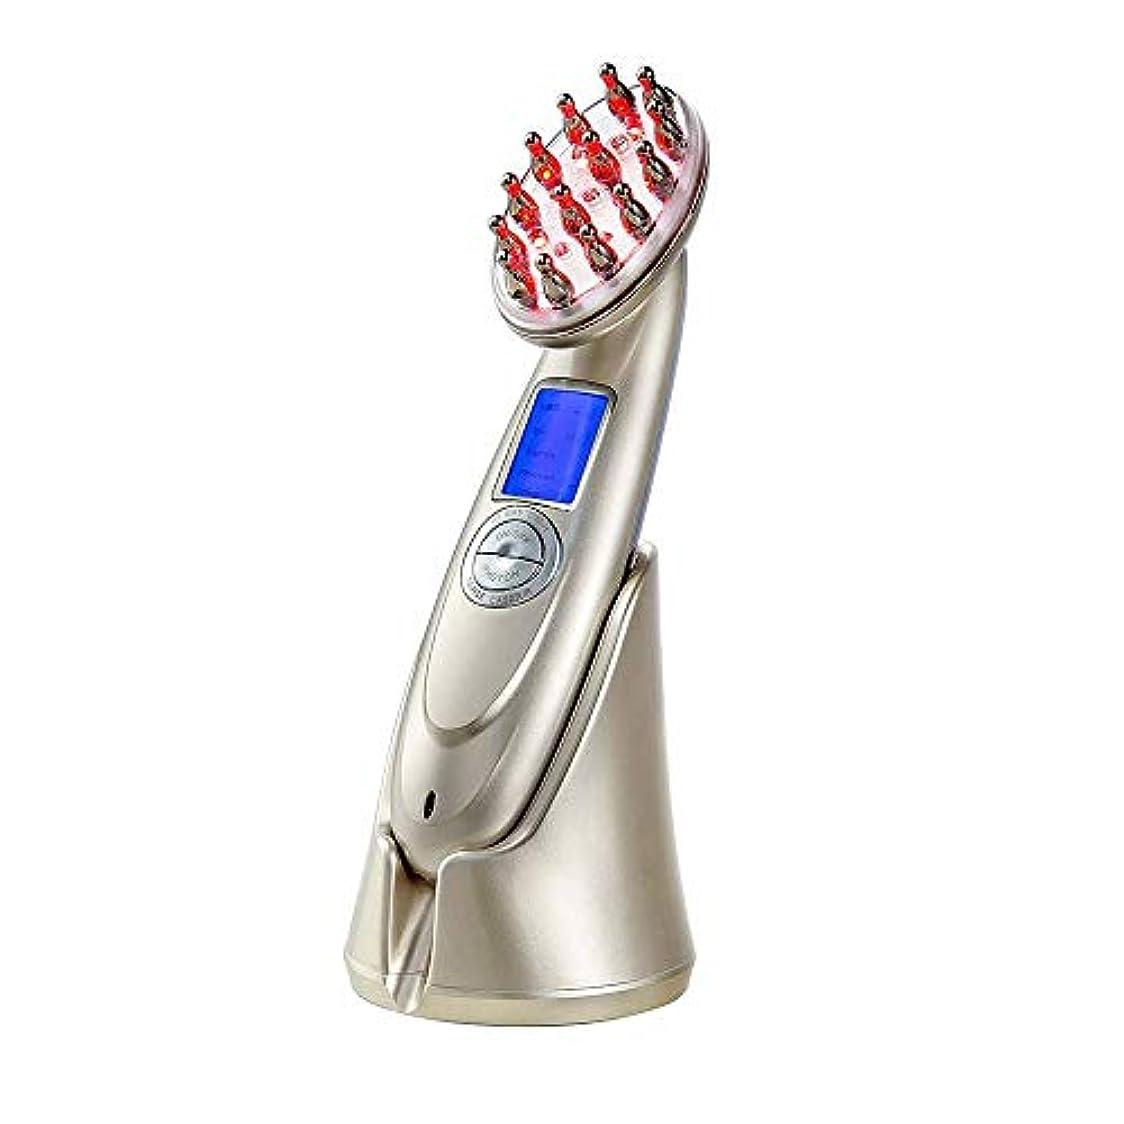 概要シンクエール髪の成長櫛電気抗毛損失治療マッサージヘア再生ブラシ無線周波数職業 EMS Led フォトンライトセラピー櫛